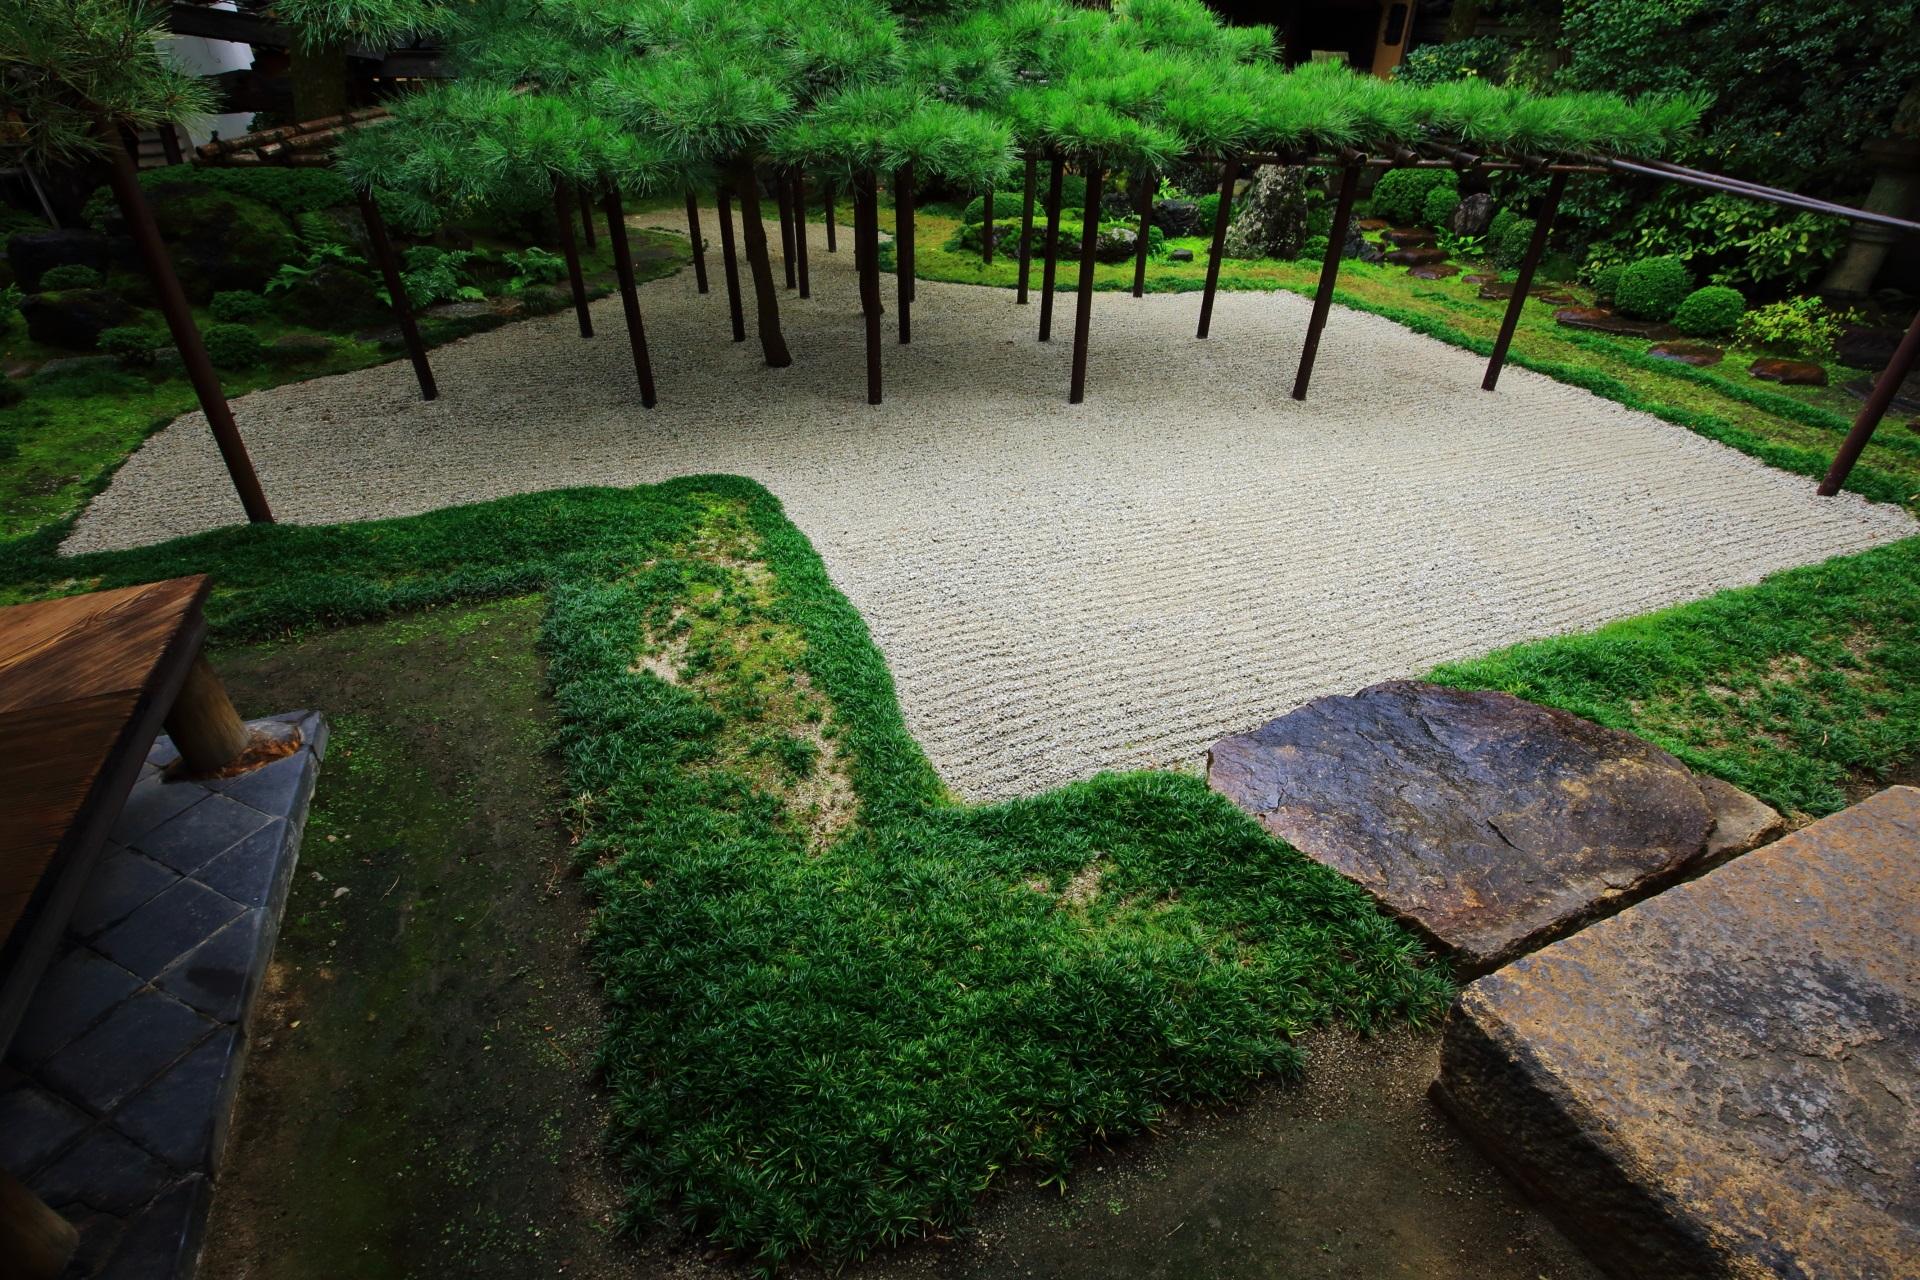 角屋の上品で美しい臥龍松の庭